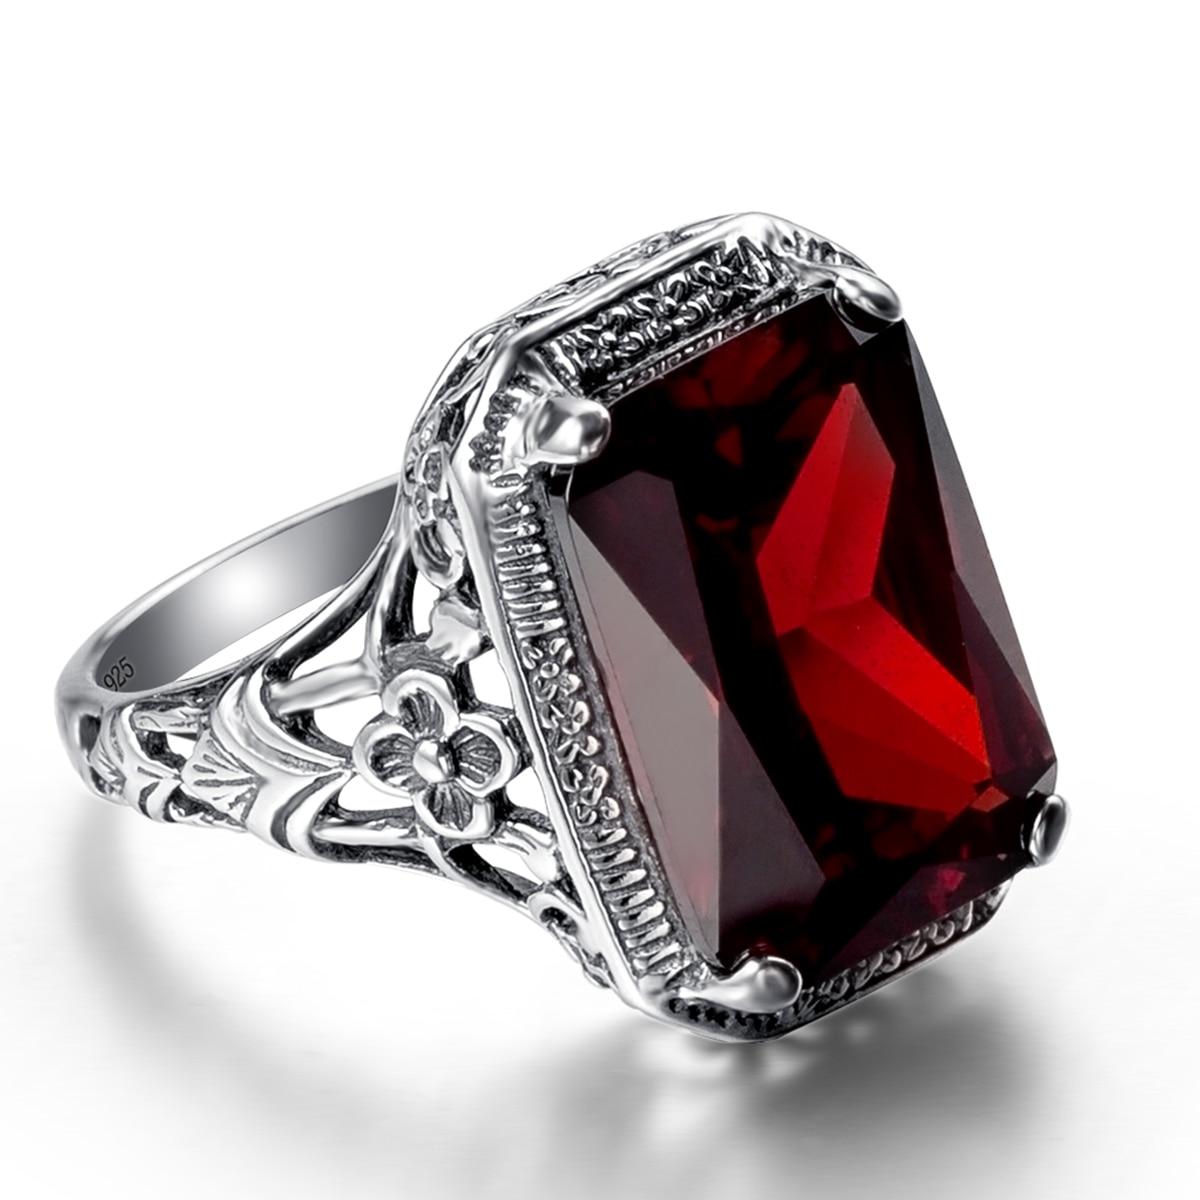 Серебряное кольцо с чакрами для женщин свадебное креативный